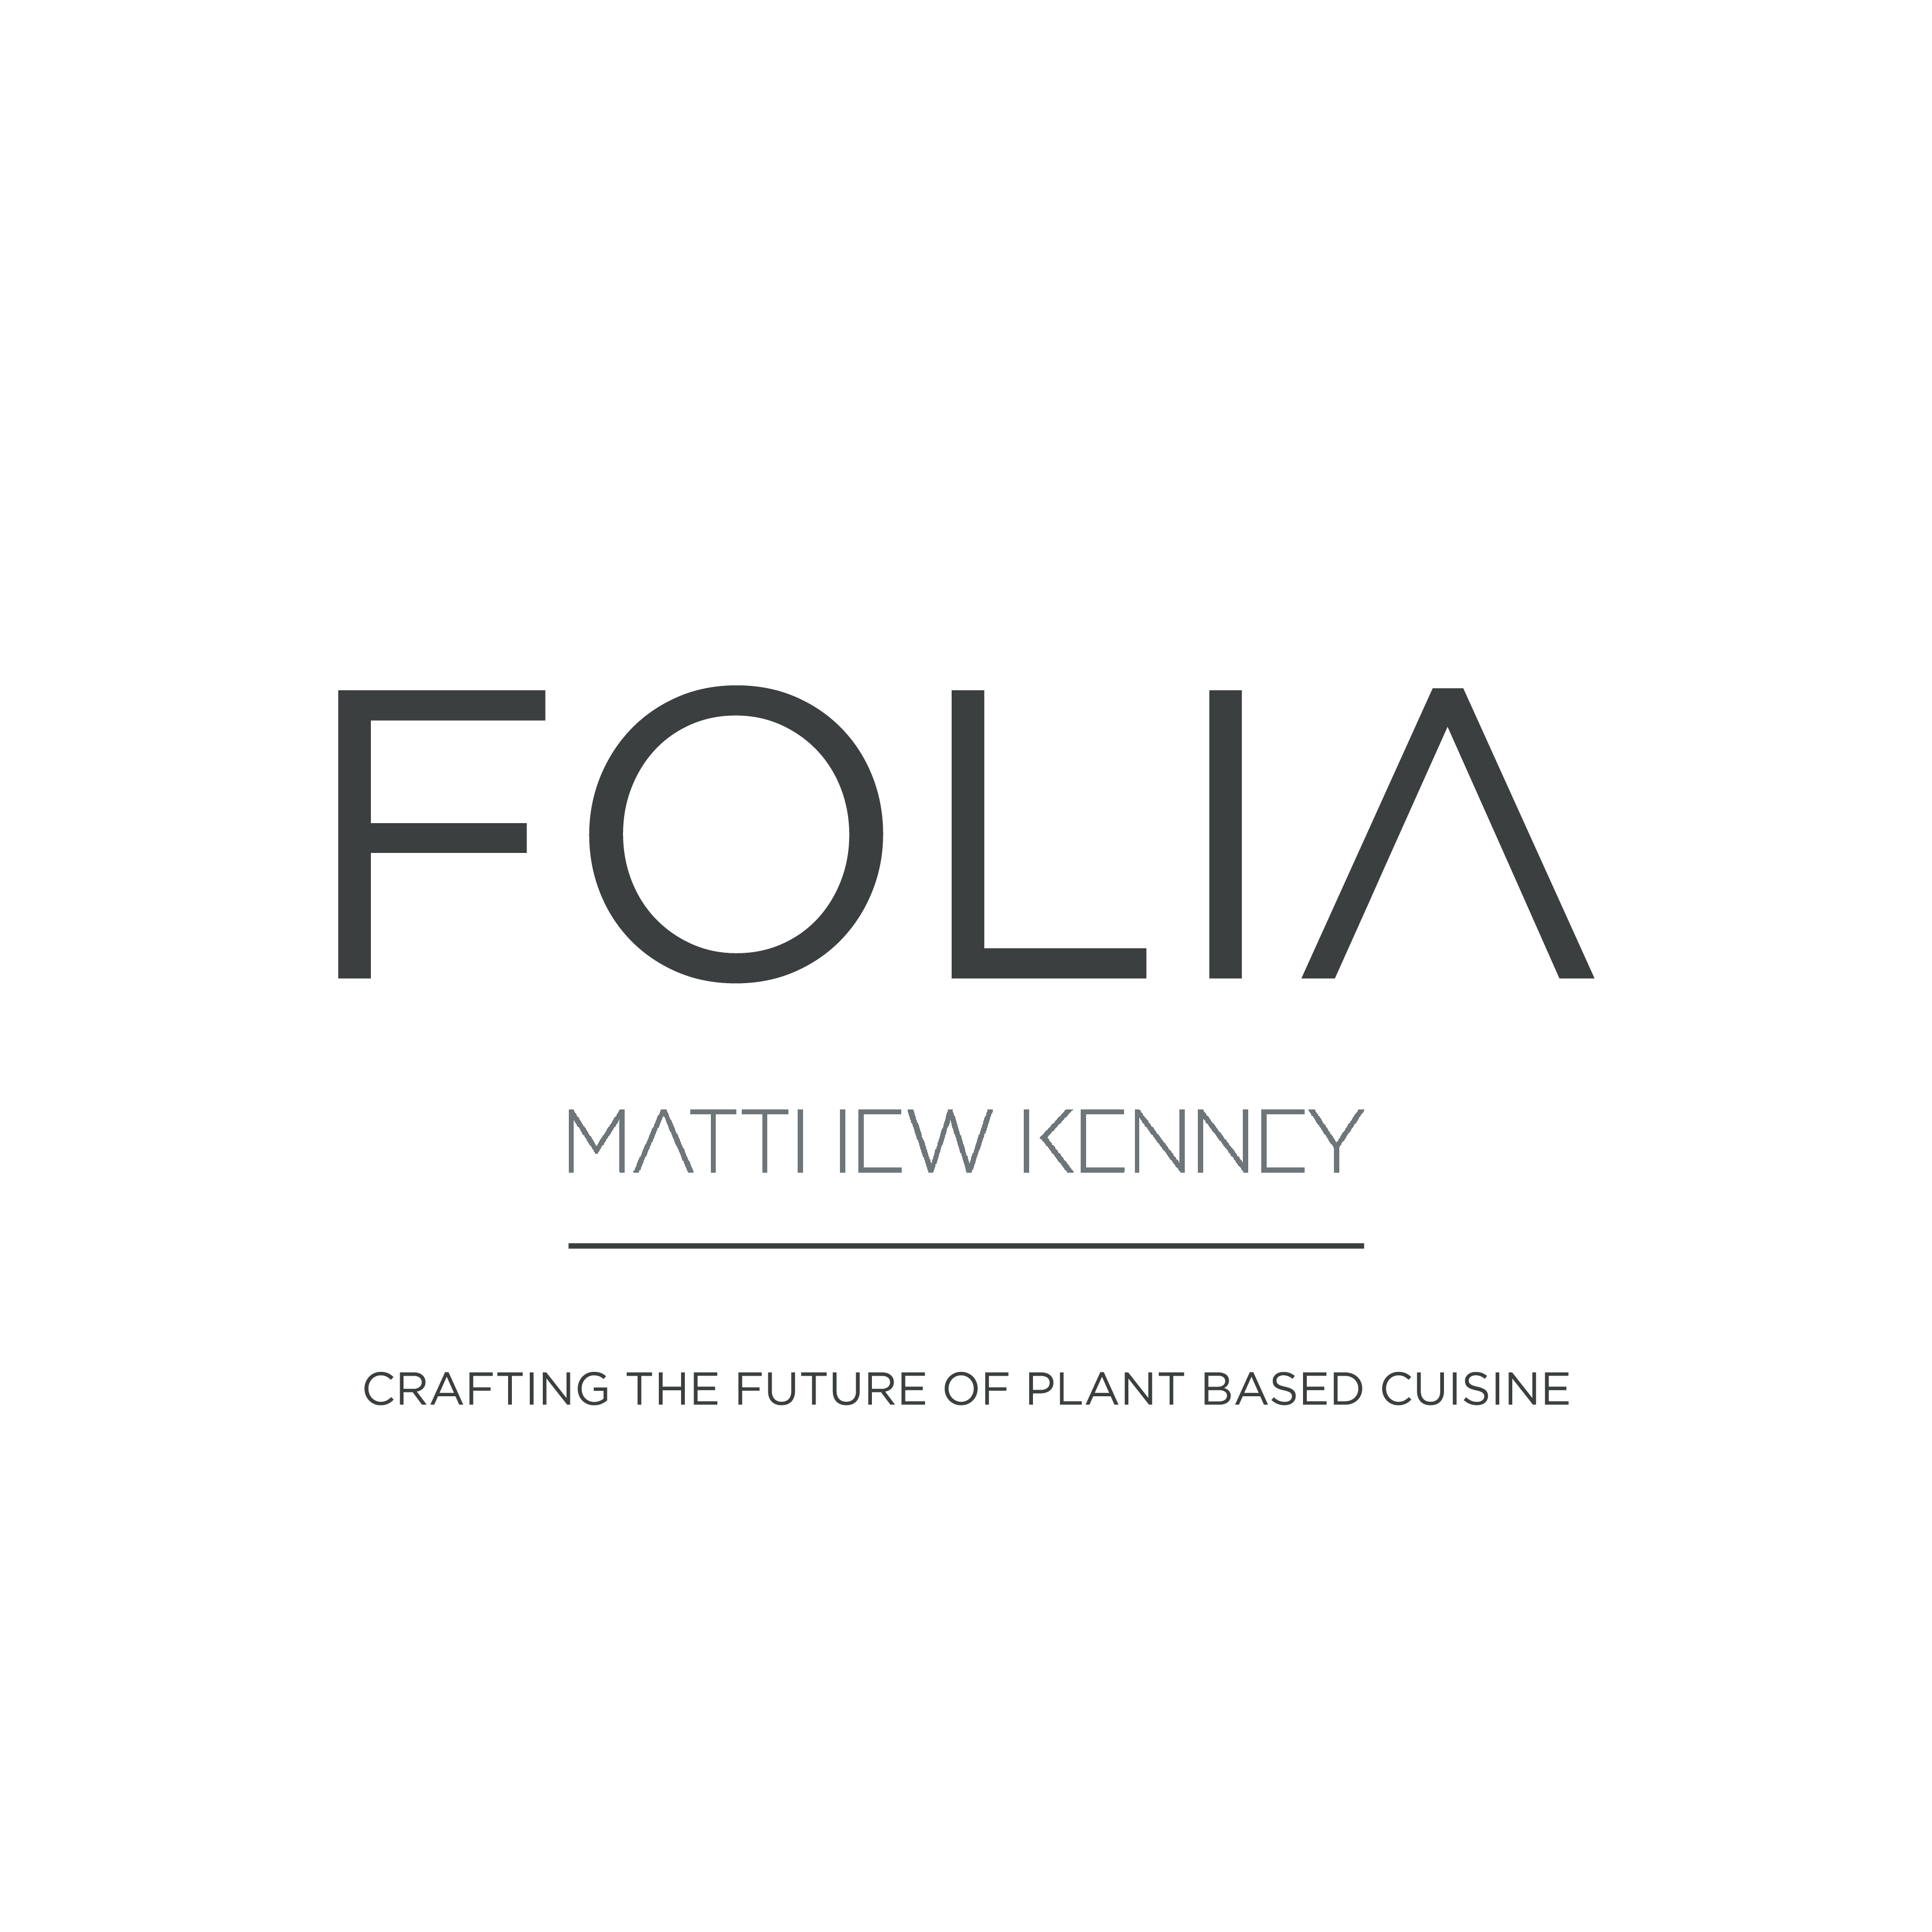 Folia - Beverly Hills, CA 90048 - (310)273-2222   ShowMeLocal.com